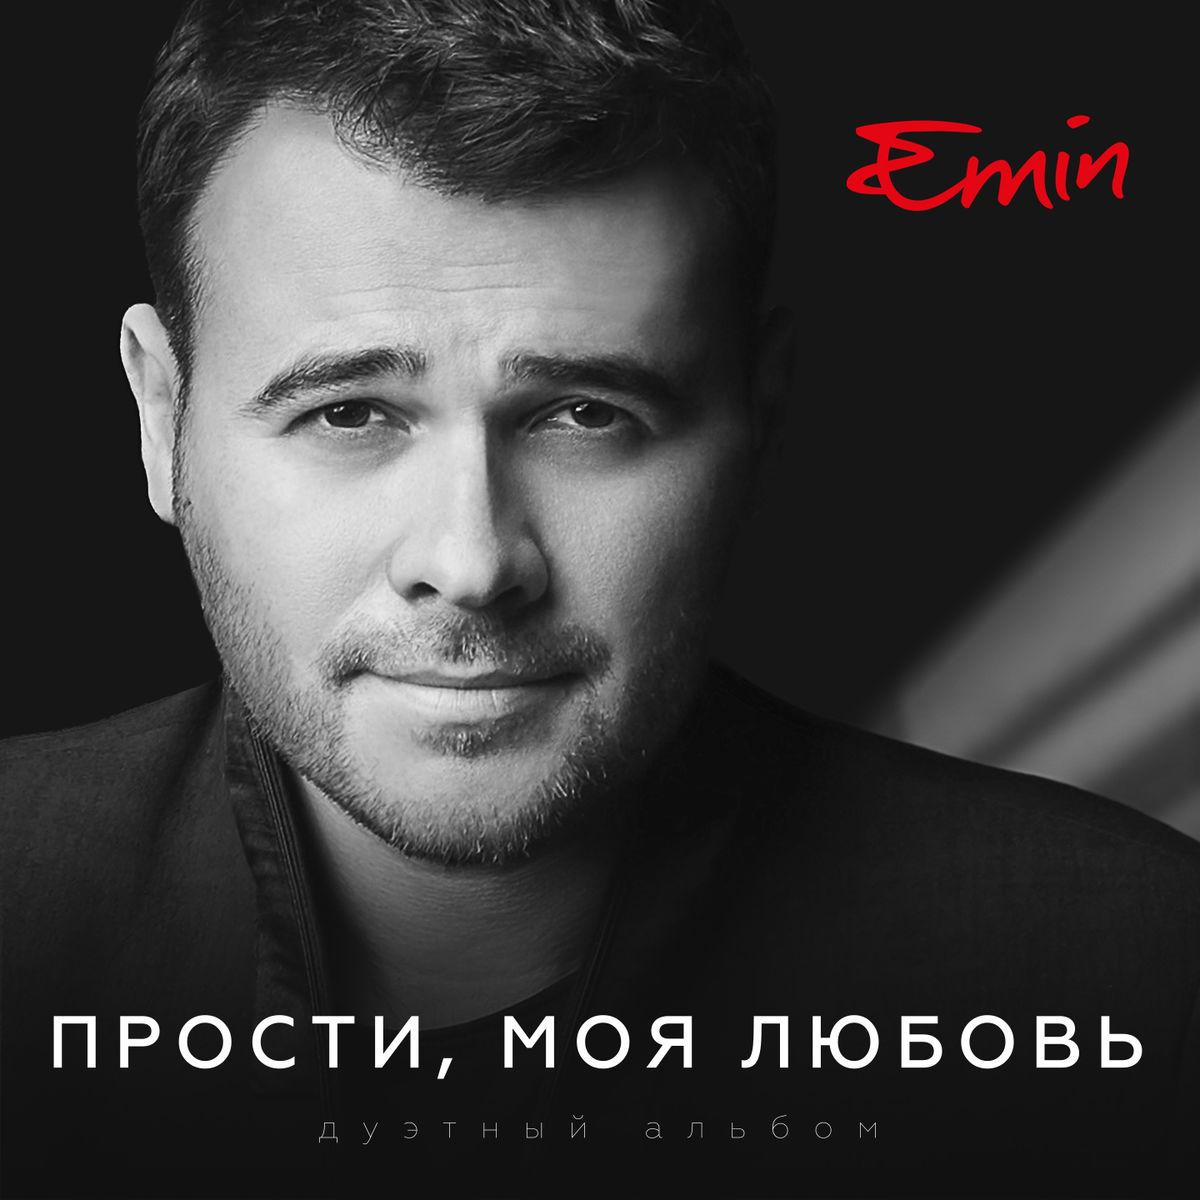 Эмин - Прости, моя любовь, 2017 - дуэтный альбом | Музолента